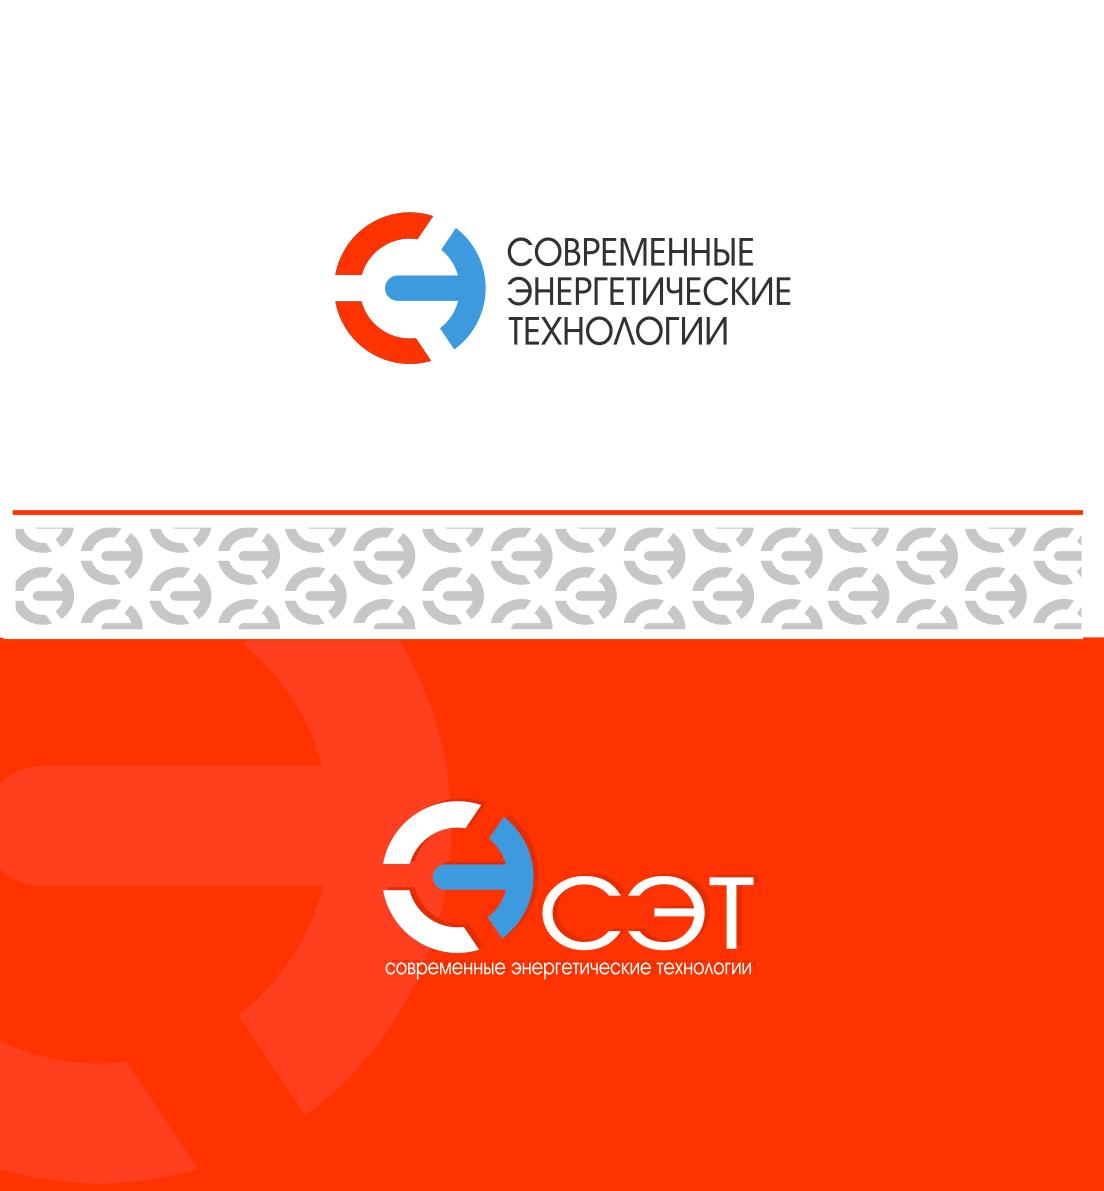 Срочно! Дизайн логотипа ООО «СЭТ» фото f_6195d4b051d60595.png